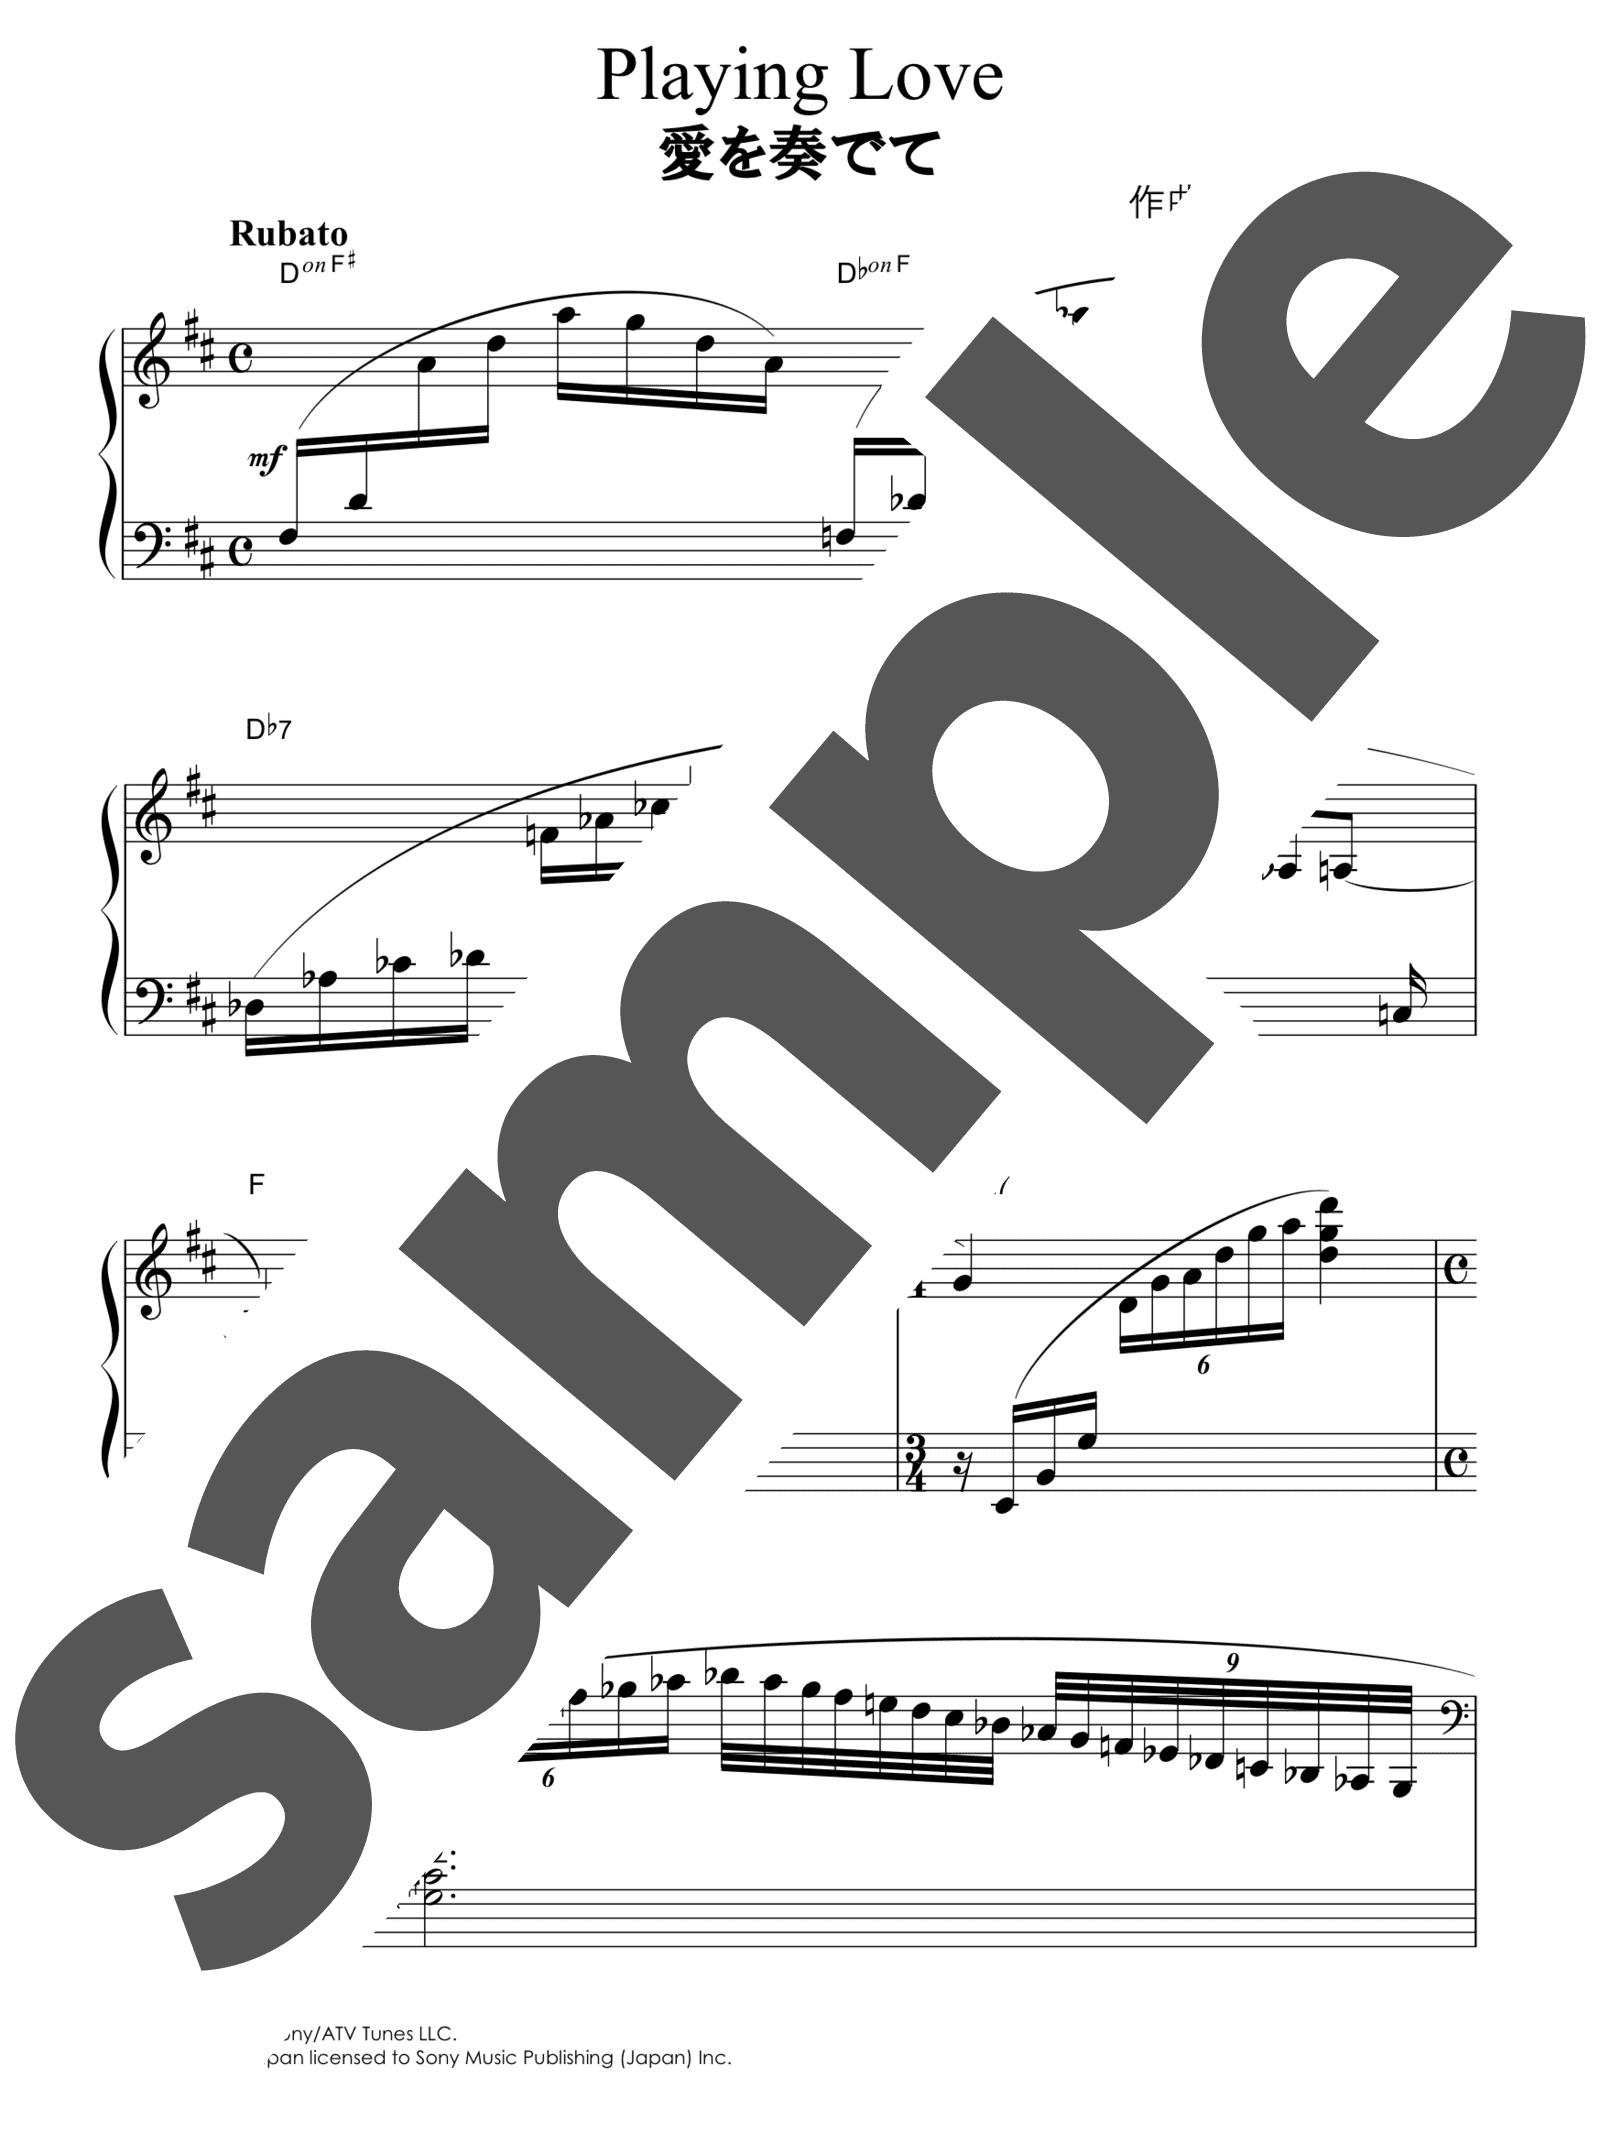 「Playing Love」のサンプル楽譜